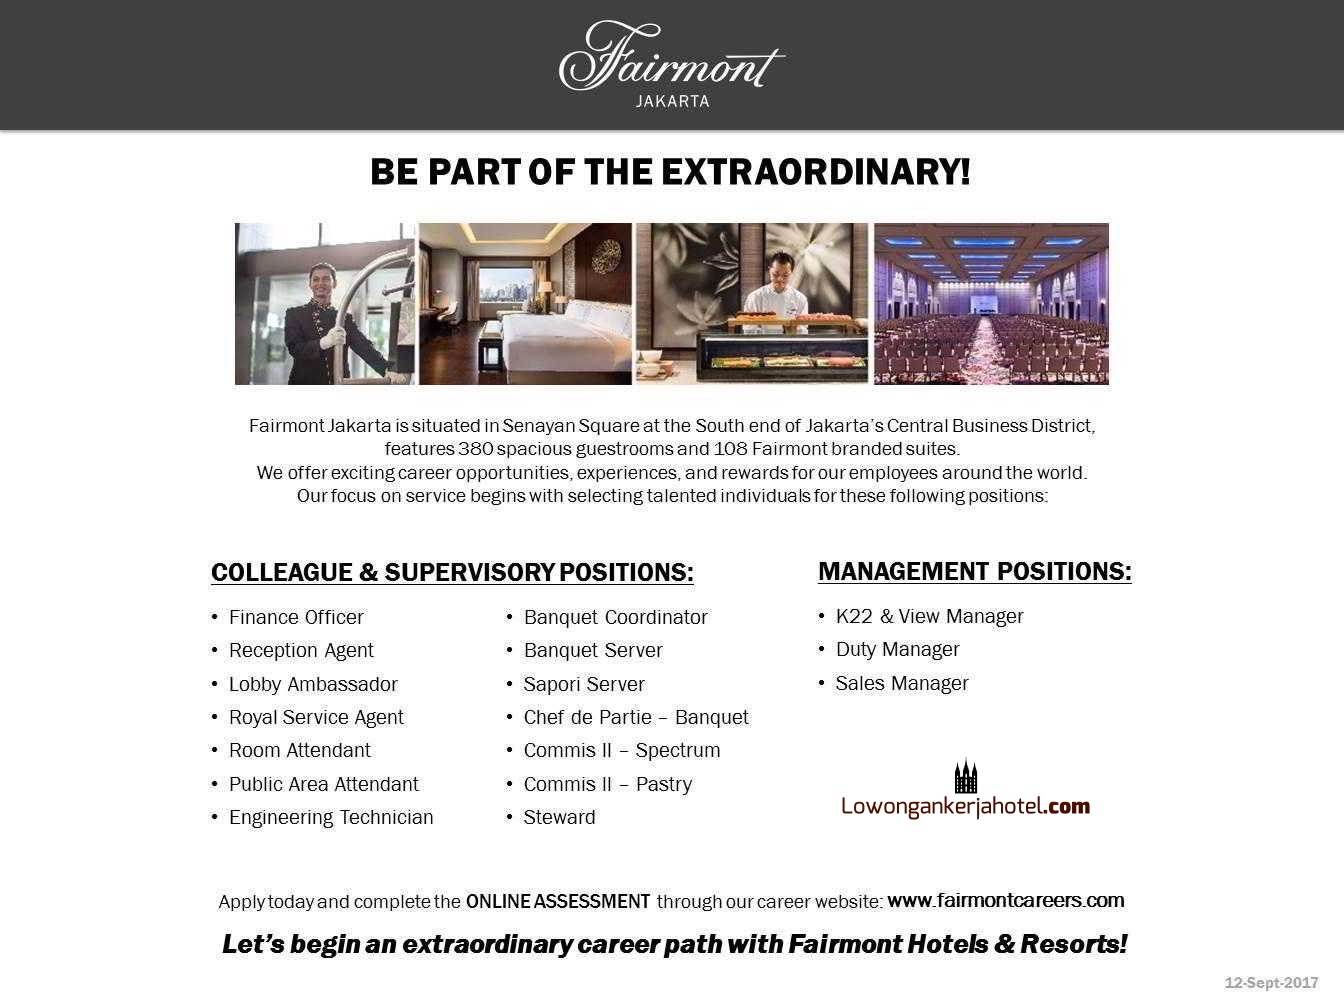 Fairmont-Jakarta